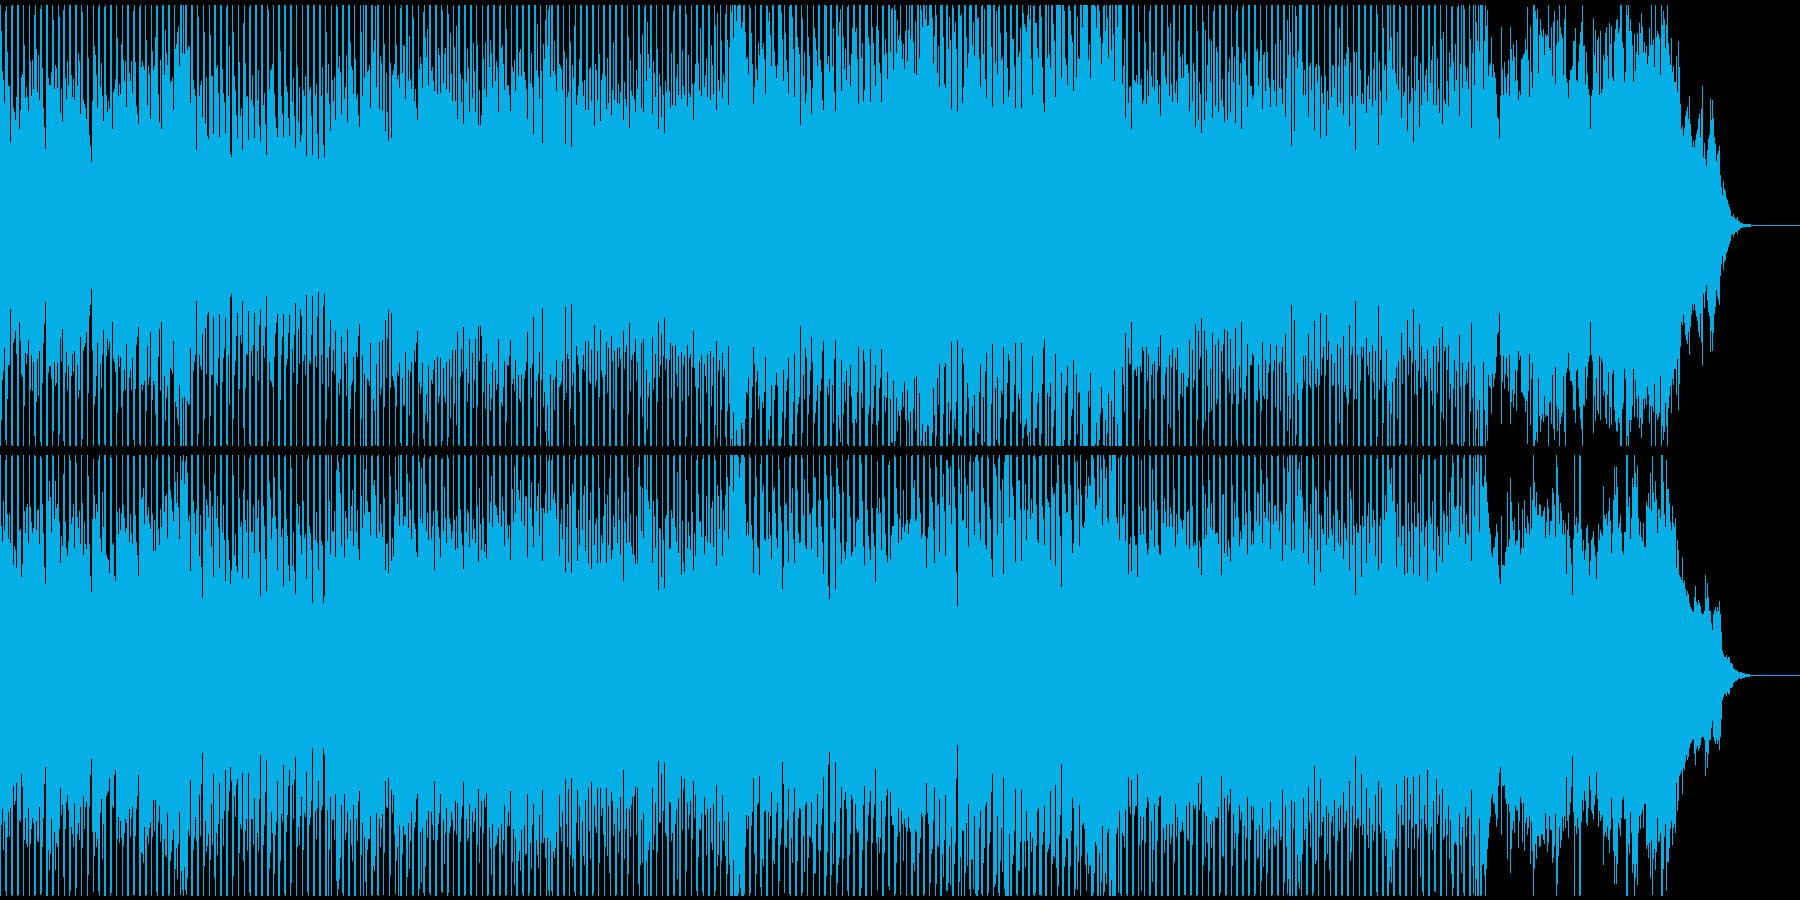 爽やかで軽快なオープニングでフレッシュにの再生済みの波形